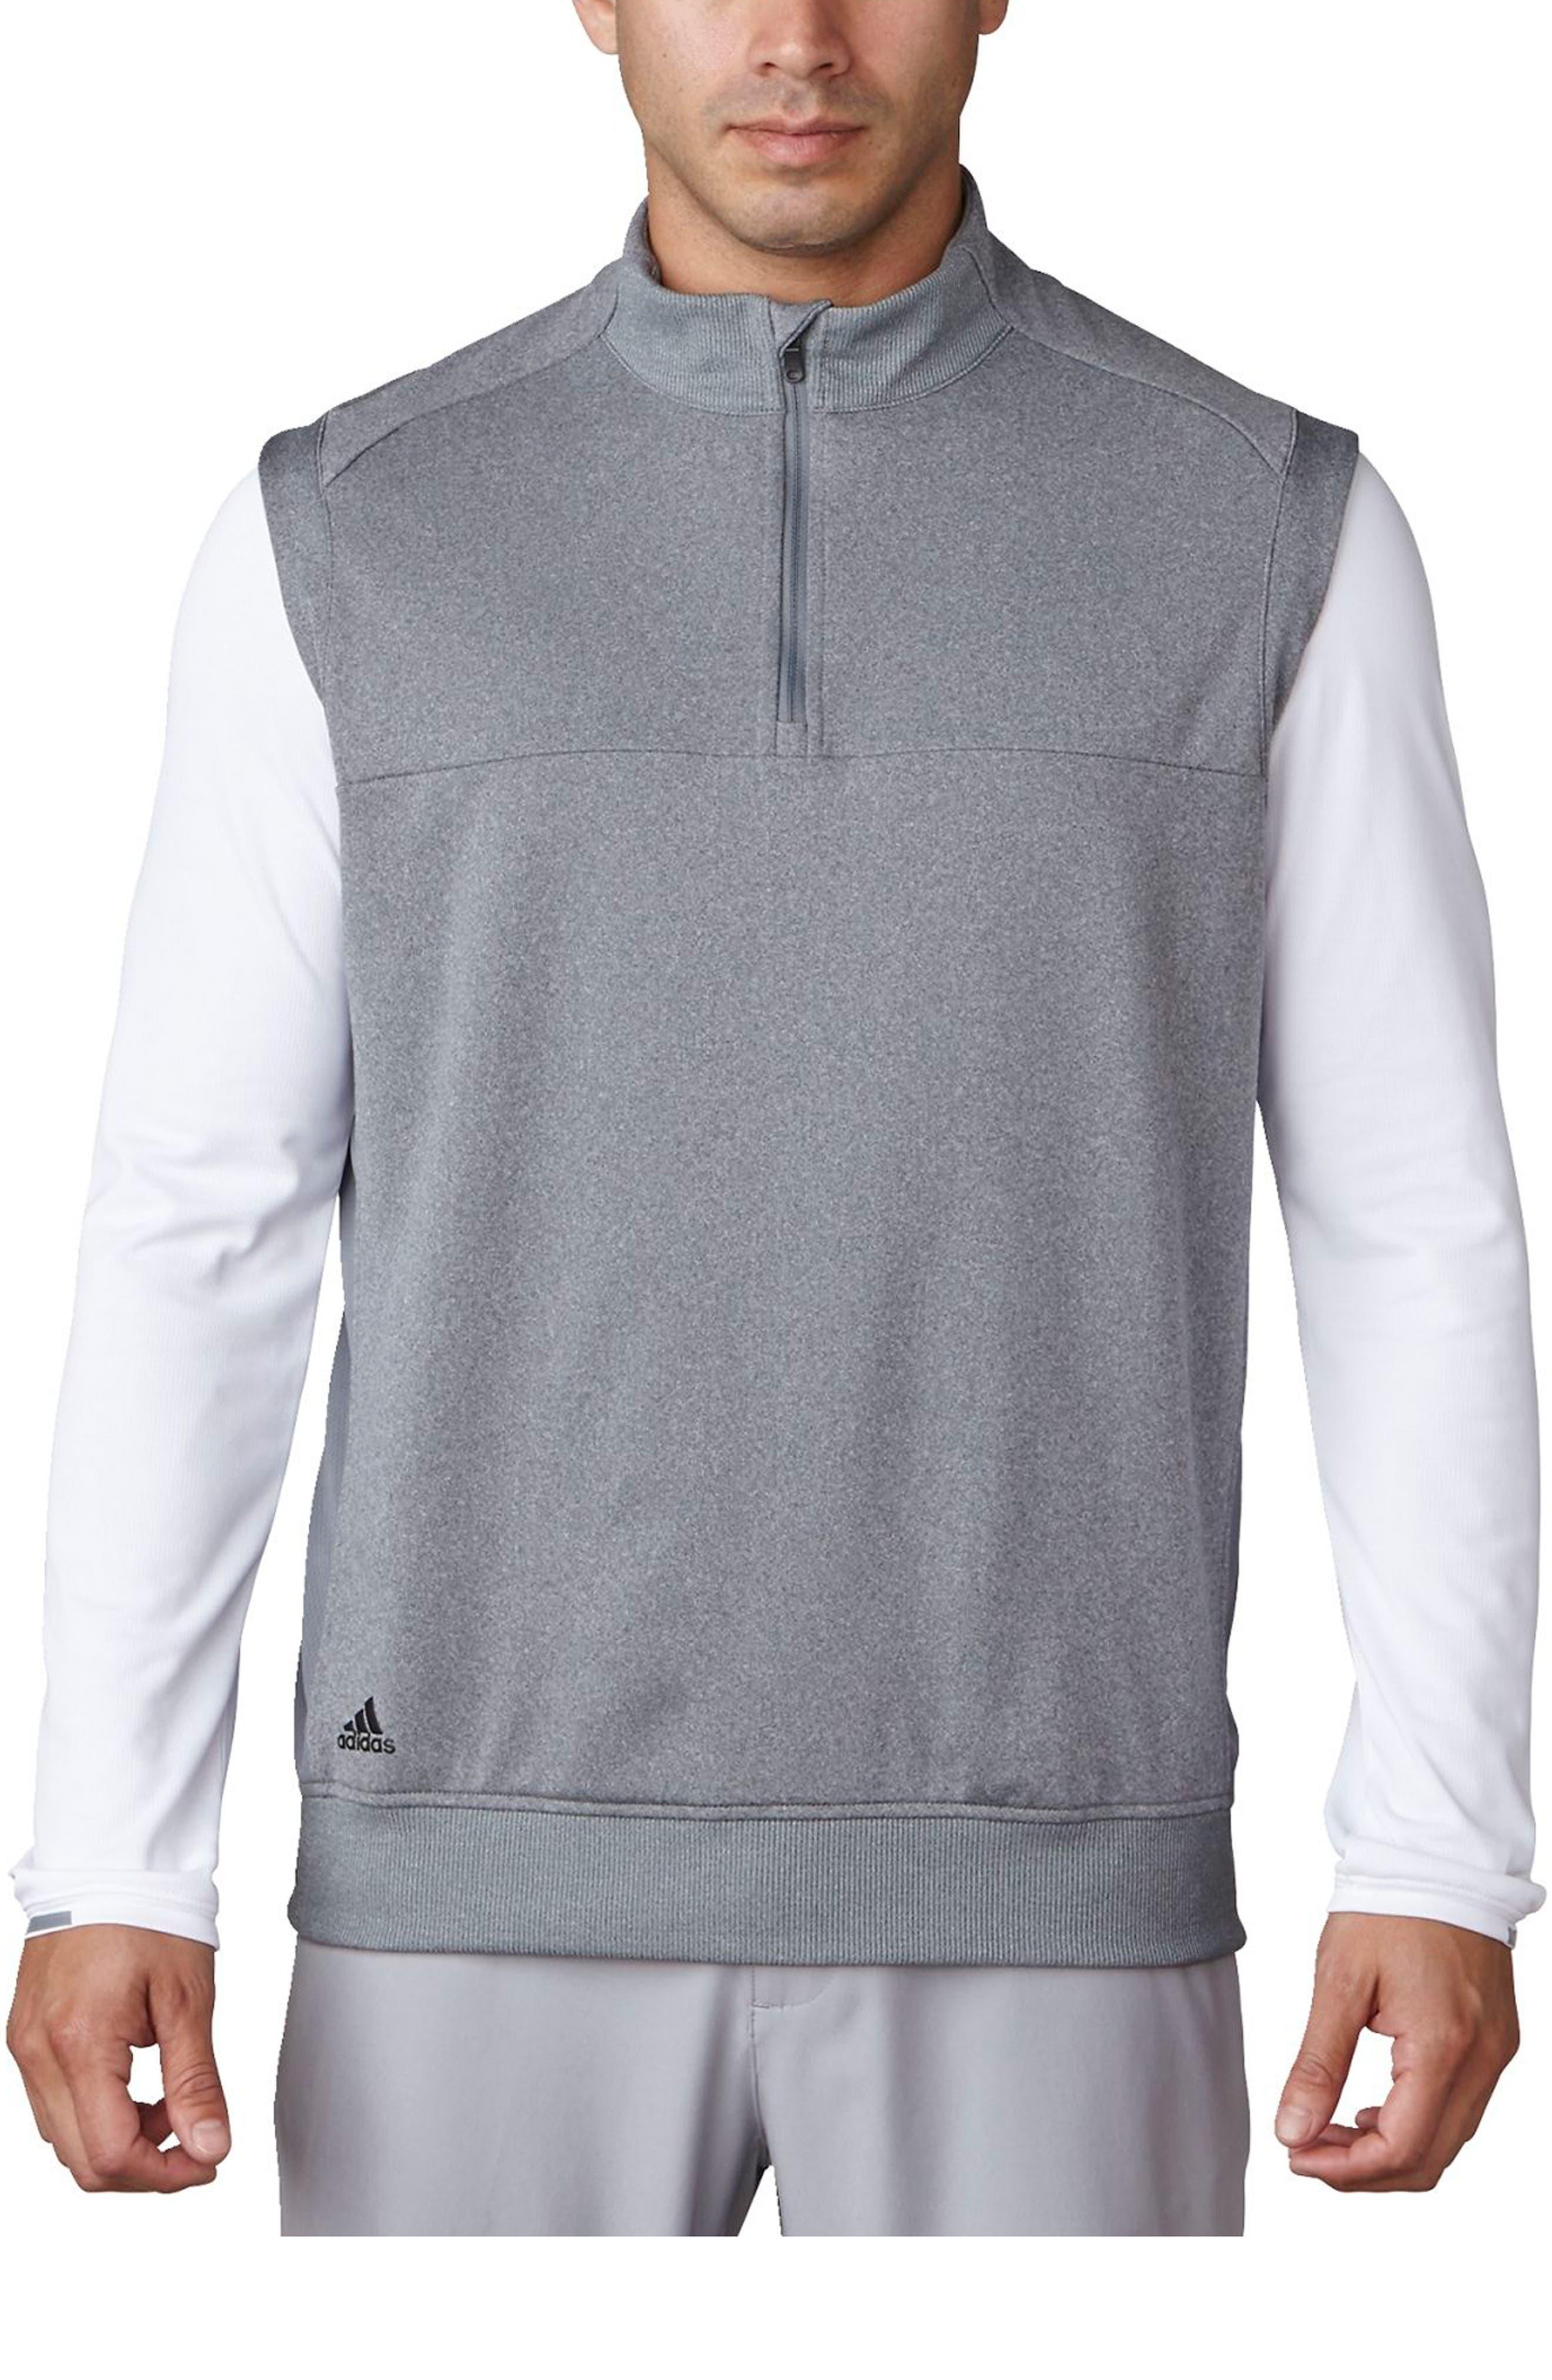 adidas Club Quarter Zip Pullover Vest